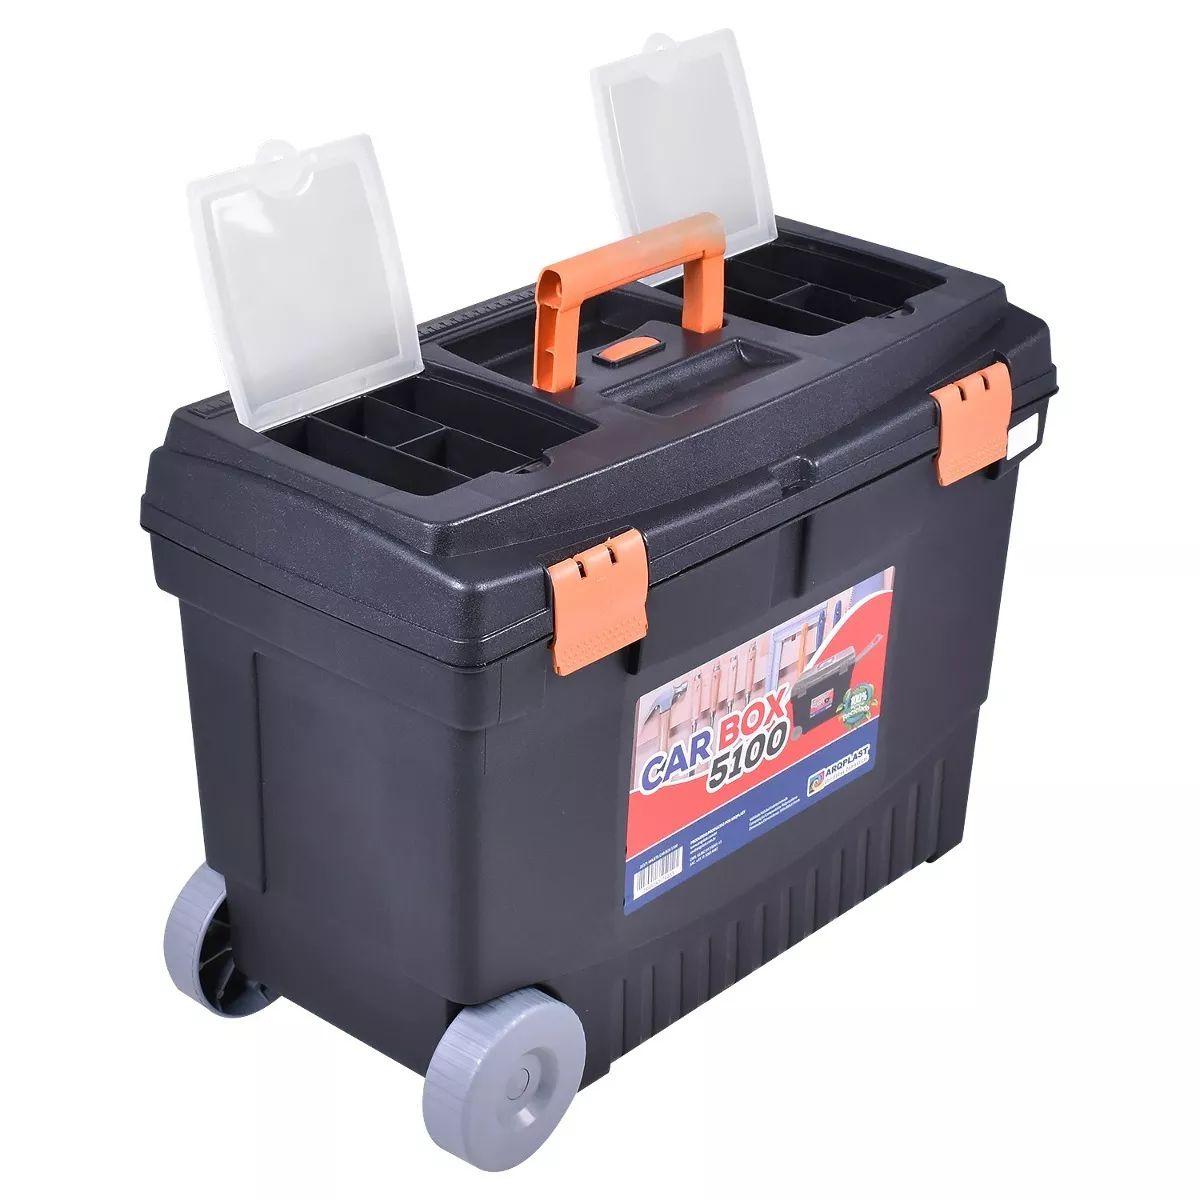 Maleta Caixa Car Box 5100  Com Rodinhas Cinza